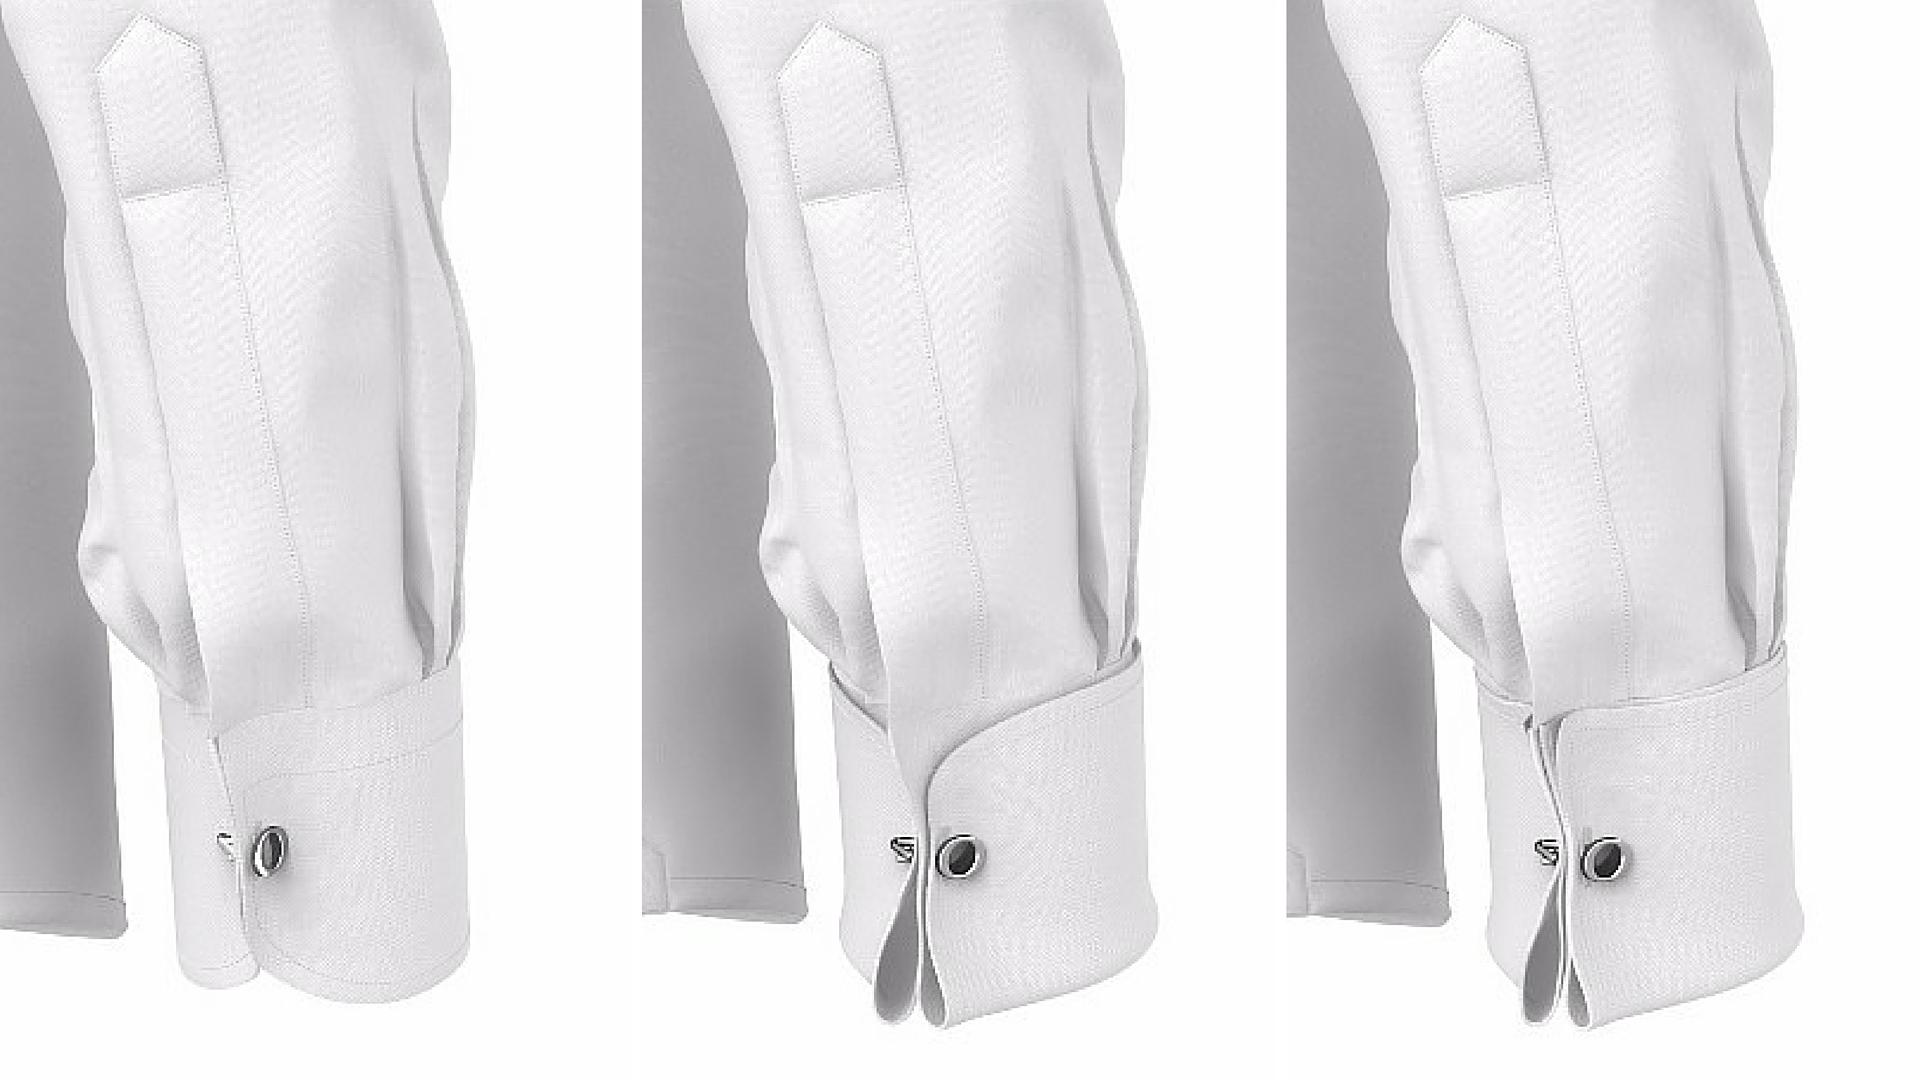 Polsini per gemelli, singoli o doppi su camicia da cerimonia